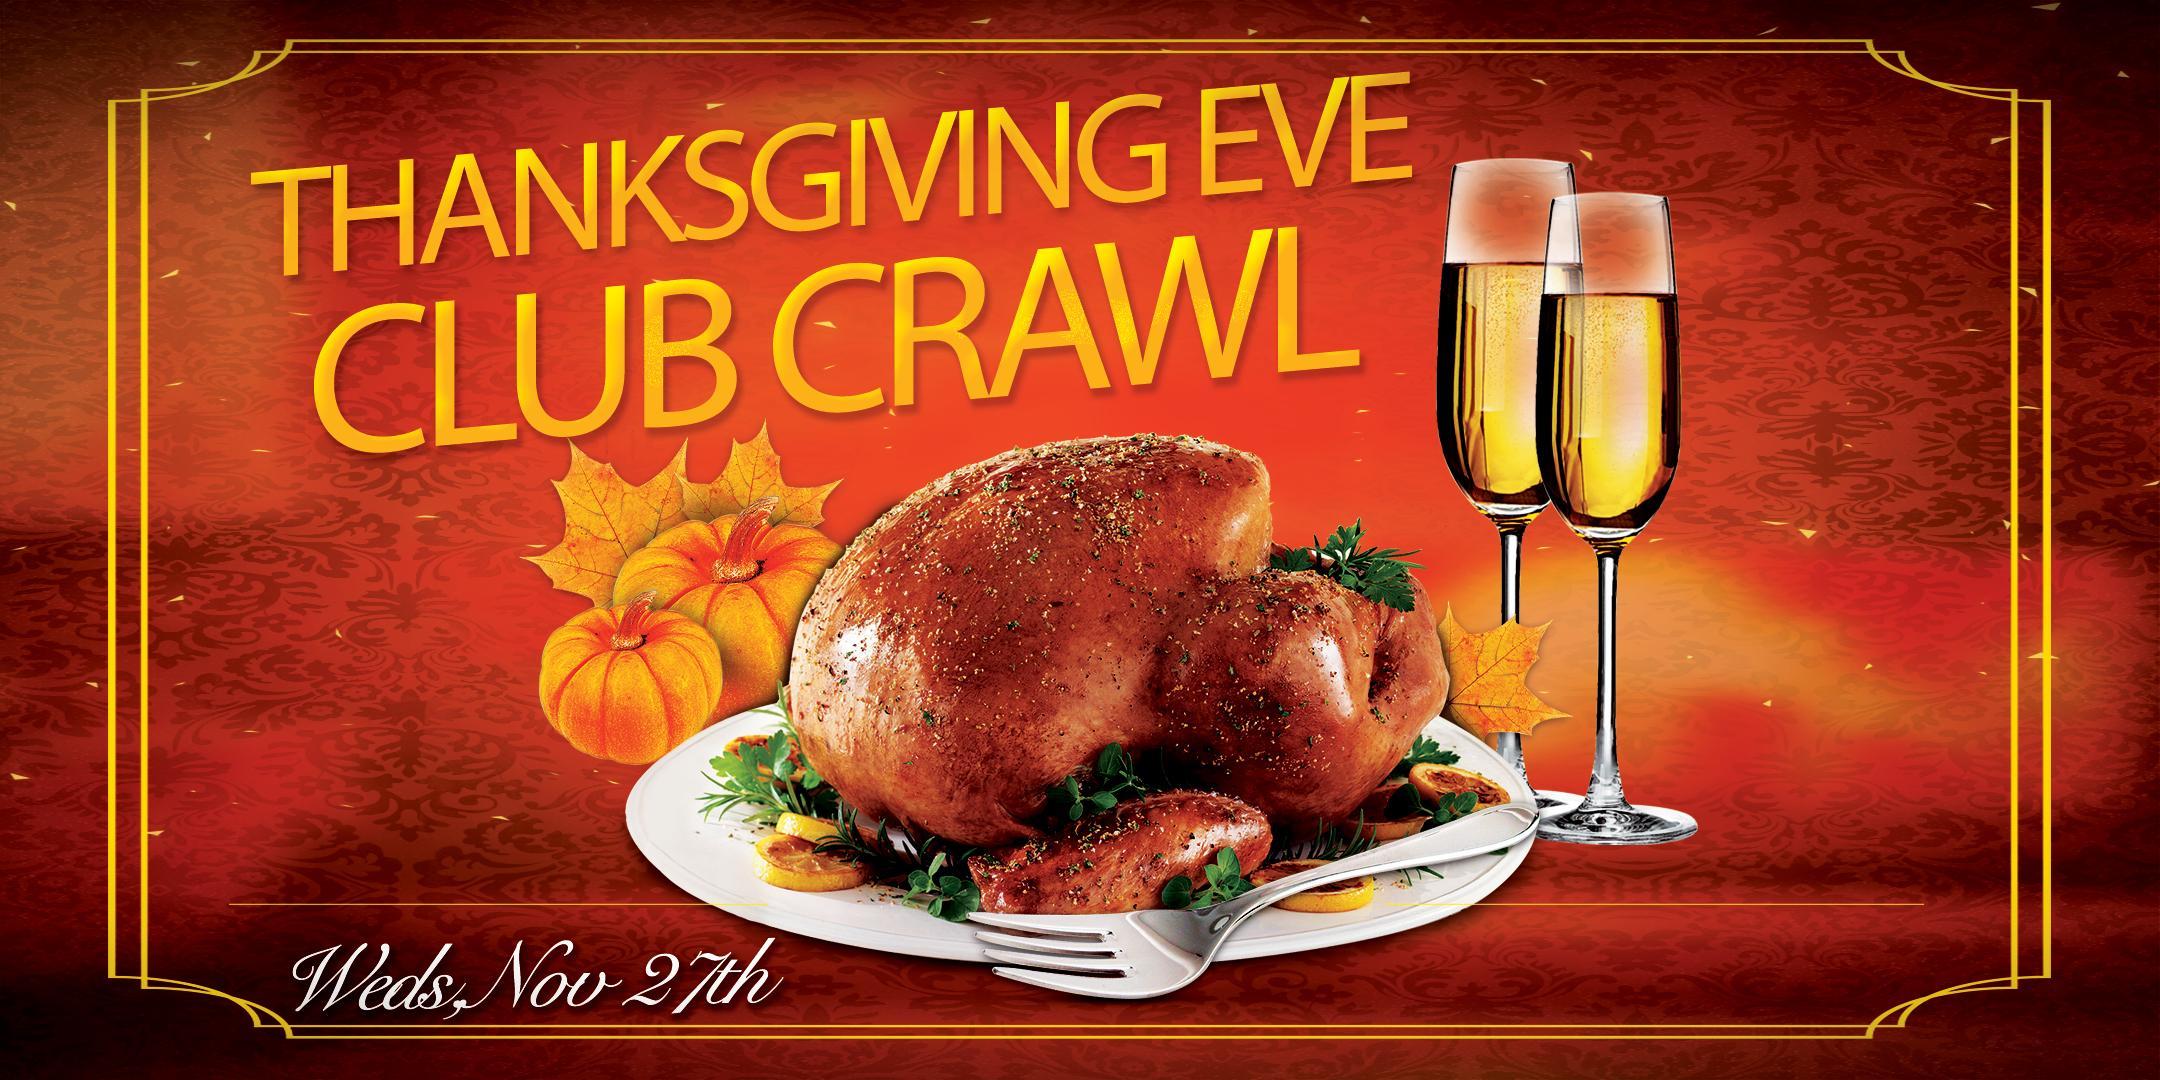 San Diego Thanksgiving Eve Bar and Club Crawl